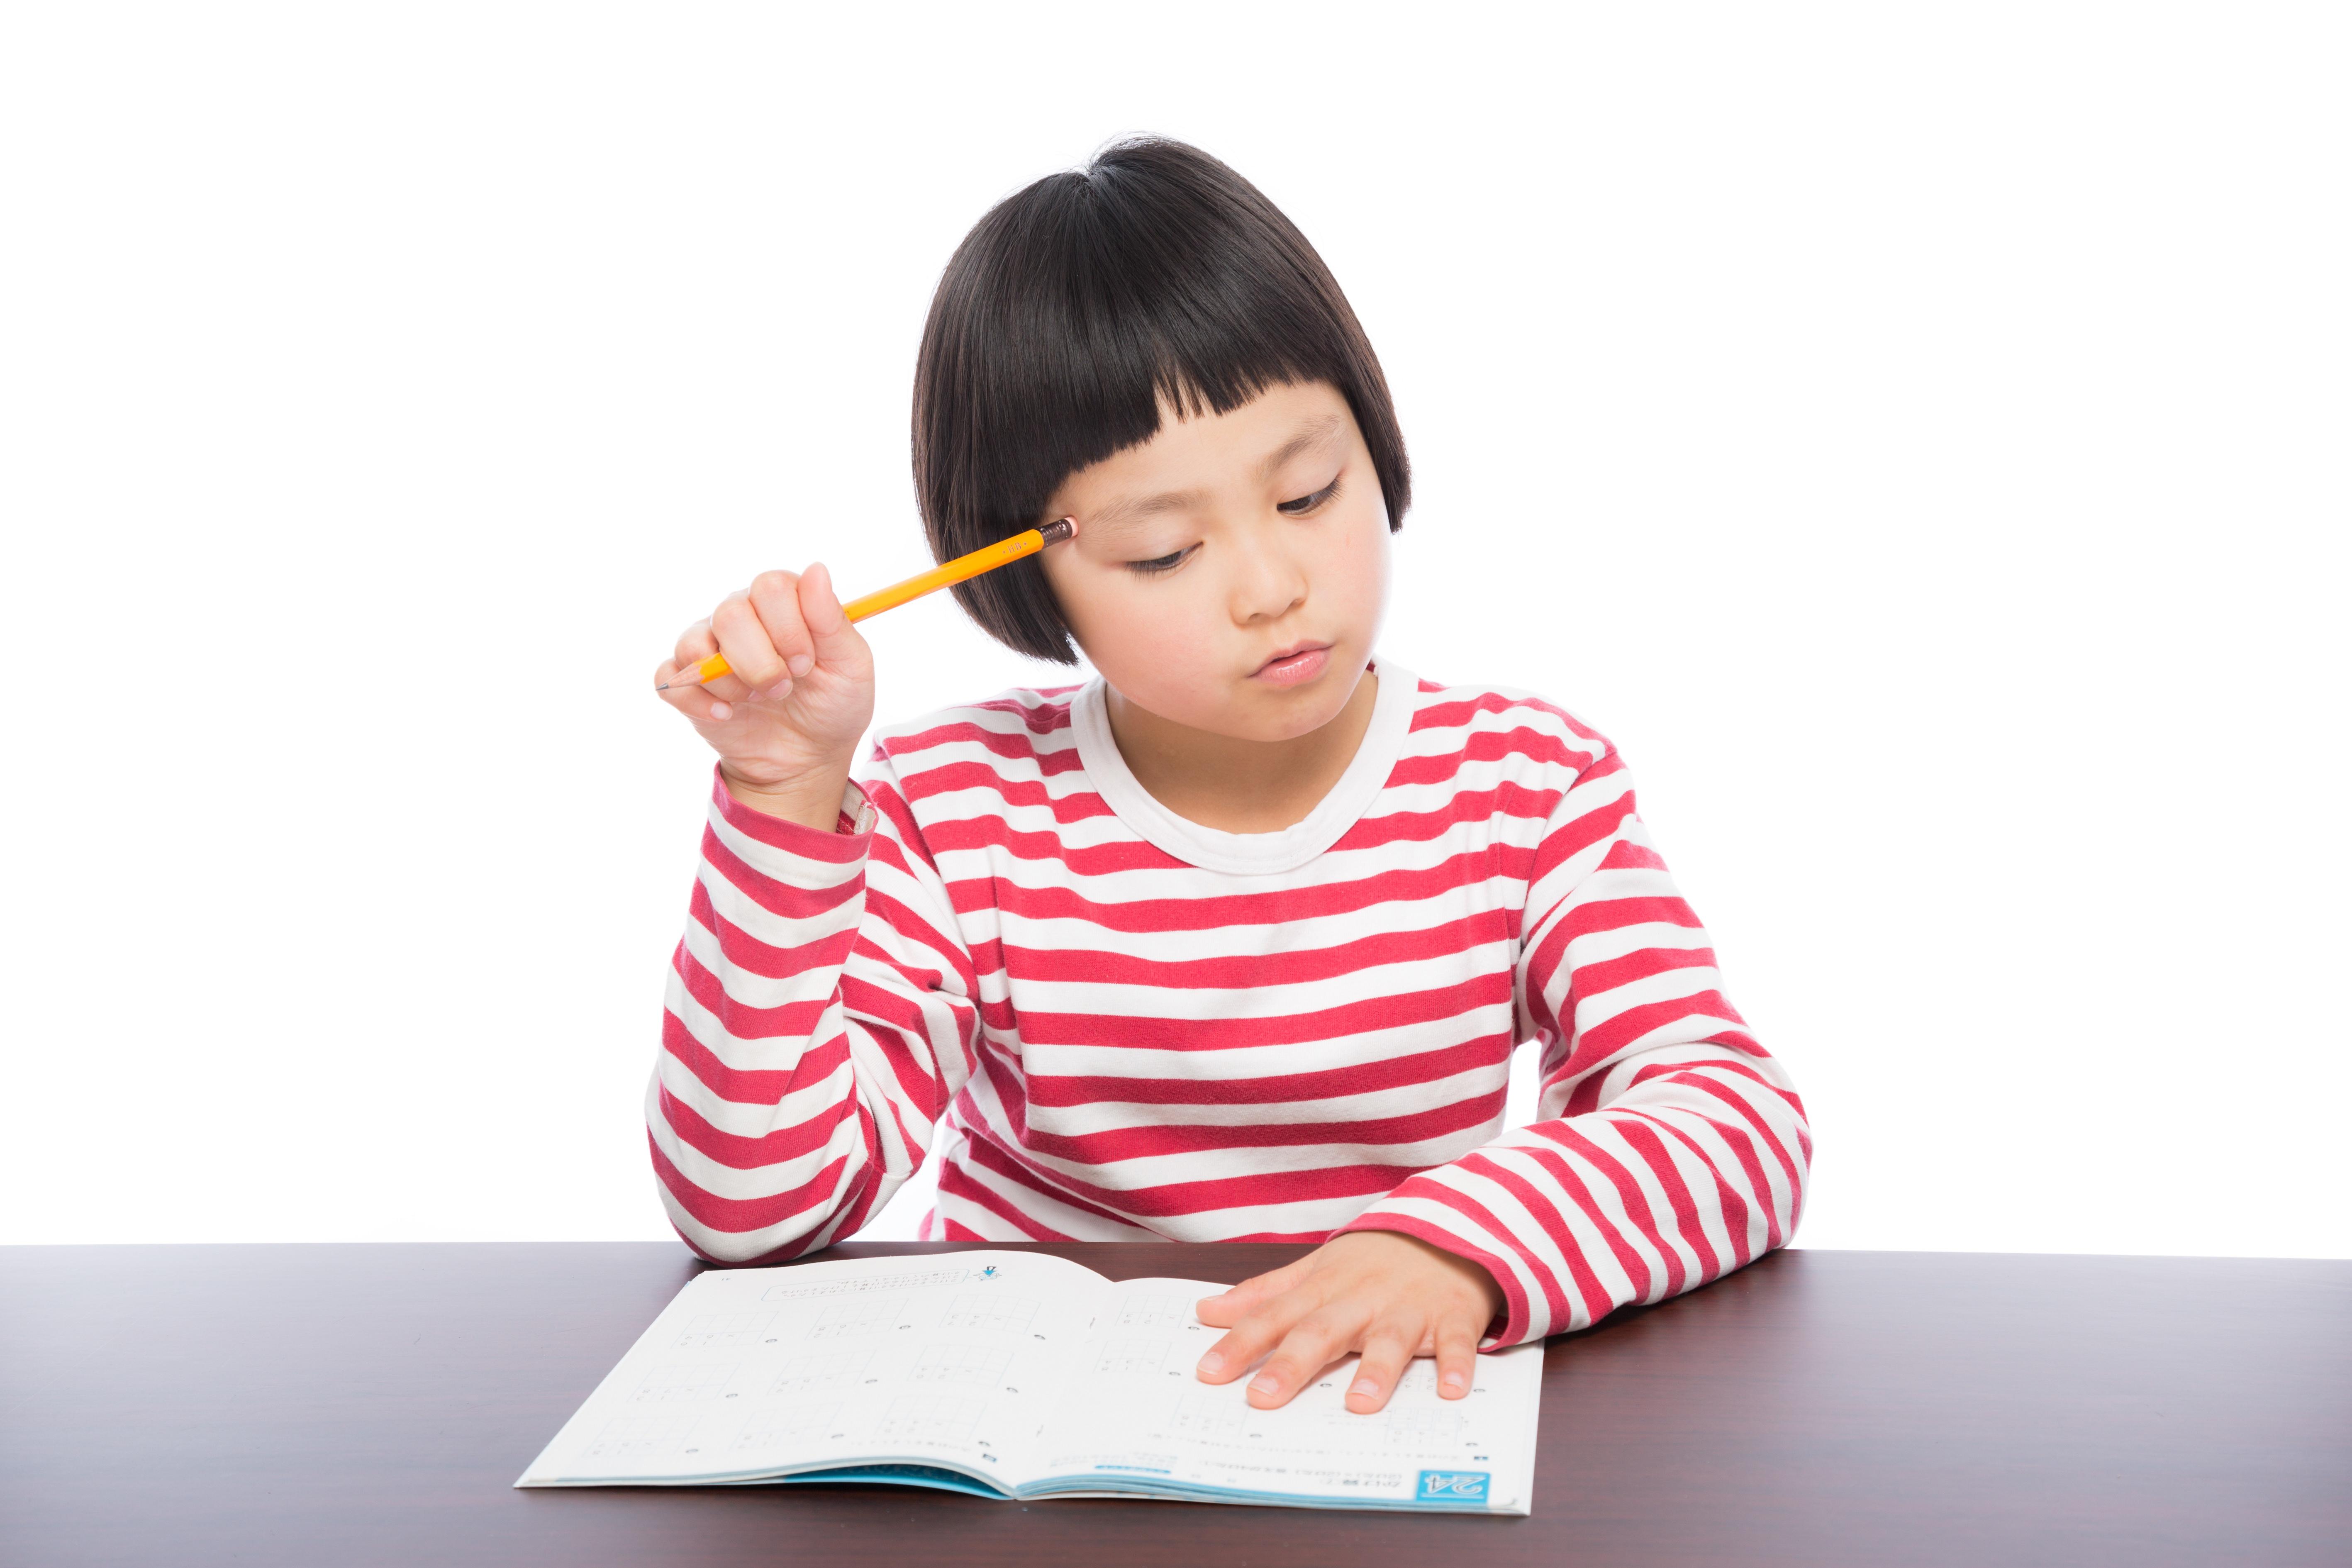 算数における読解力を小学生の子供に身に付けさせる方法|国語と算数での違い